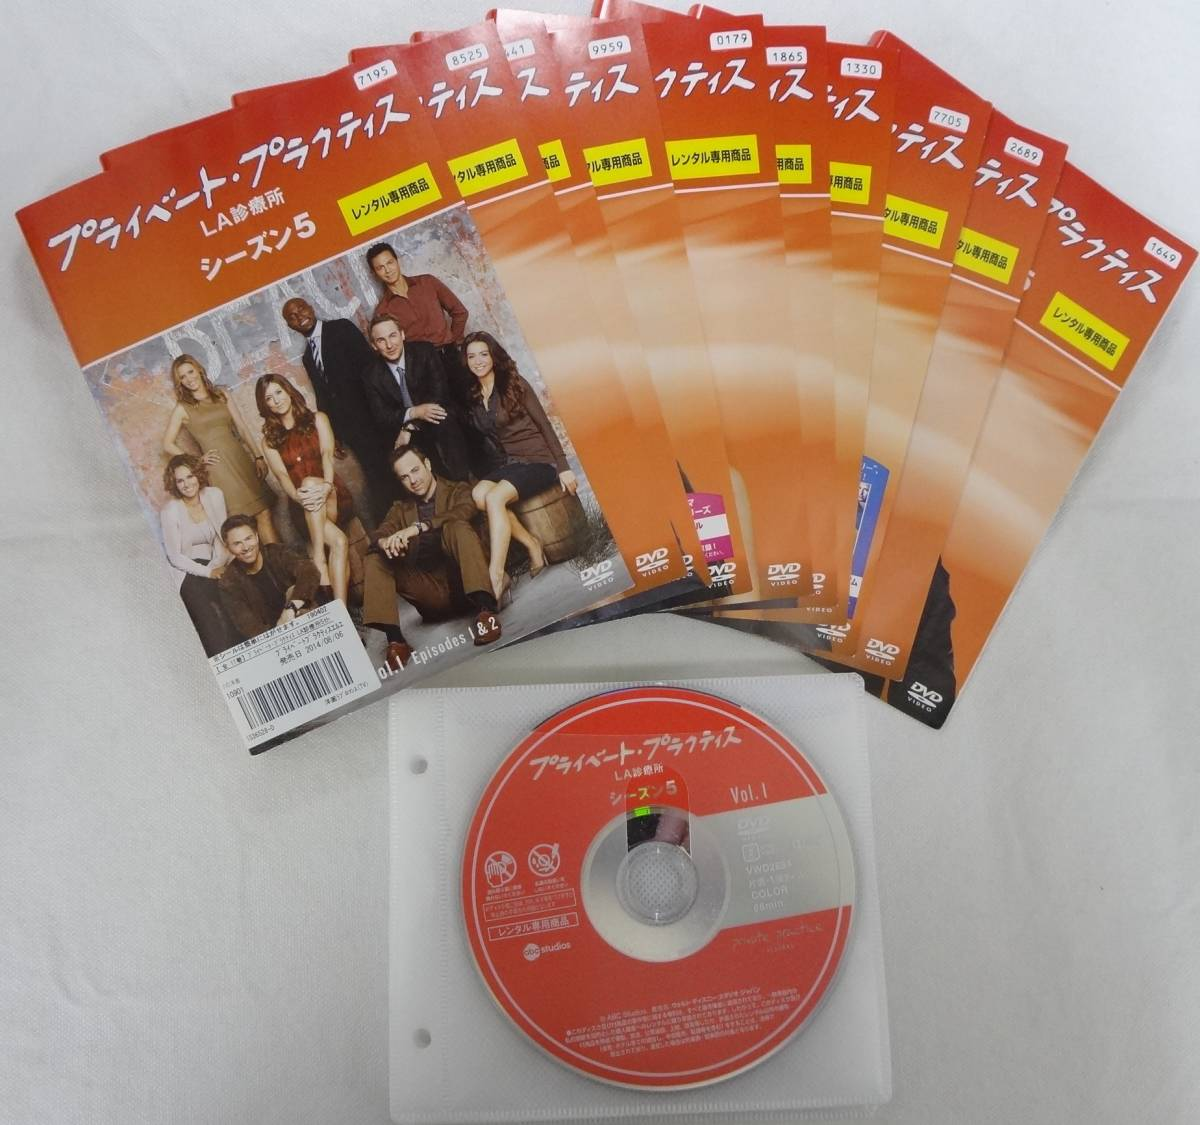 送料無料 レンタル落ち中古DVD プライベード・プラクティス LA診療所 シーズン5 全11巻セット